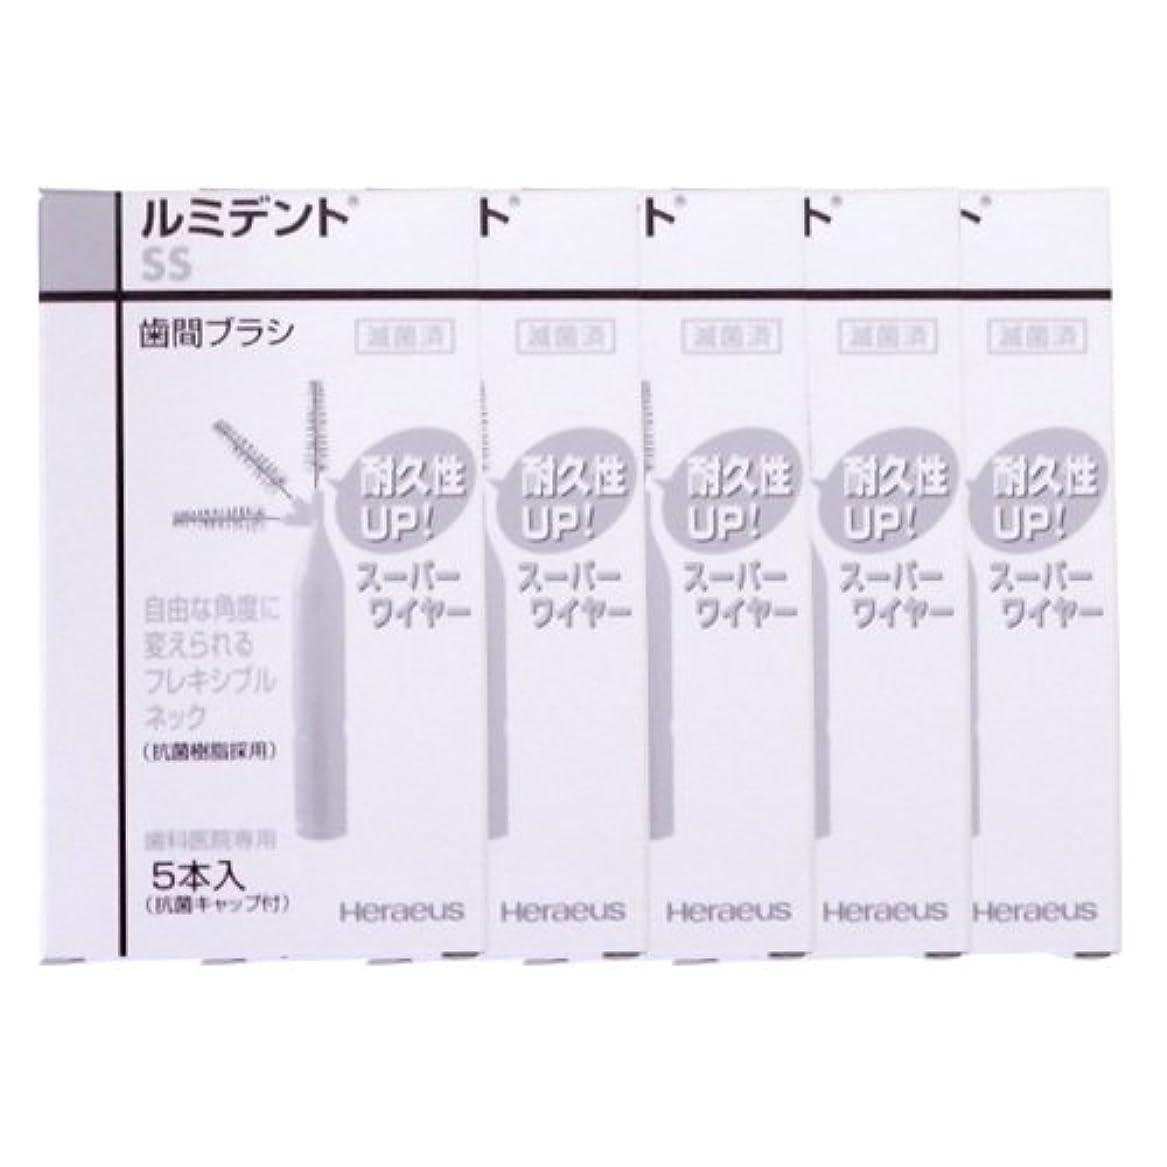 アライアンスキネマティクスいたずらヘレウス ルミデント 歯間ブラシ 5本入 × 5個 (SS(ホワイト))